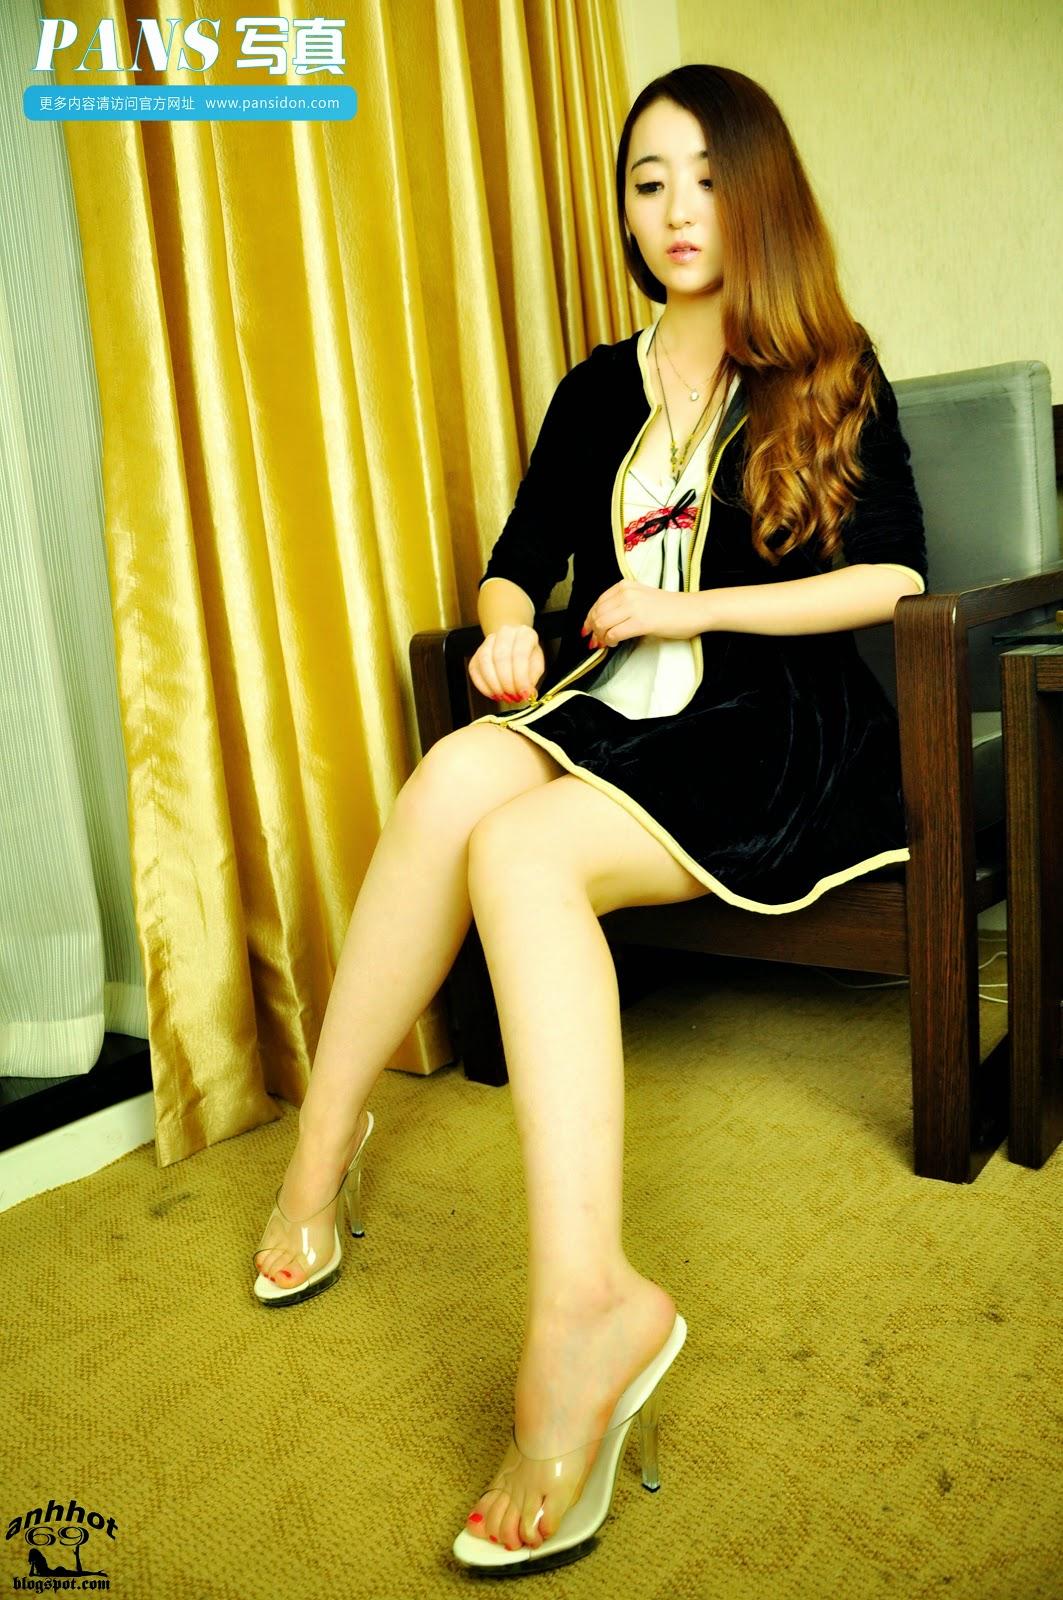 zi_xuan-pansidon-02342878